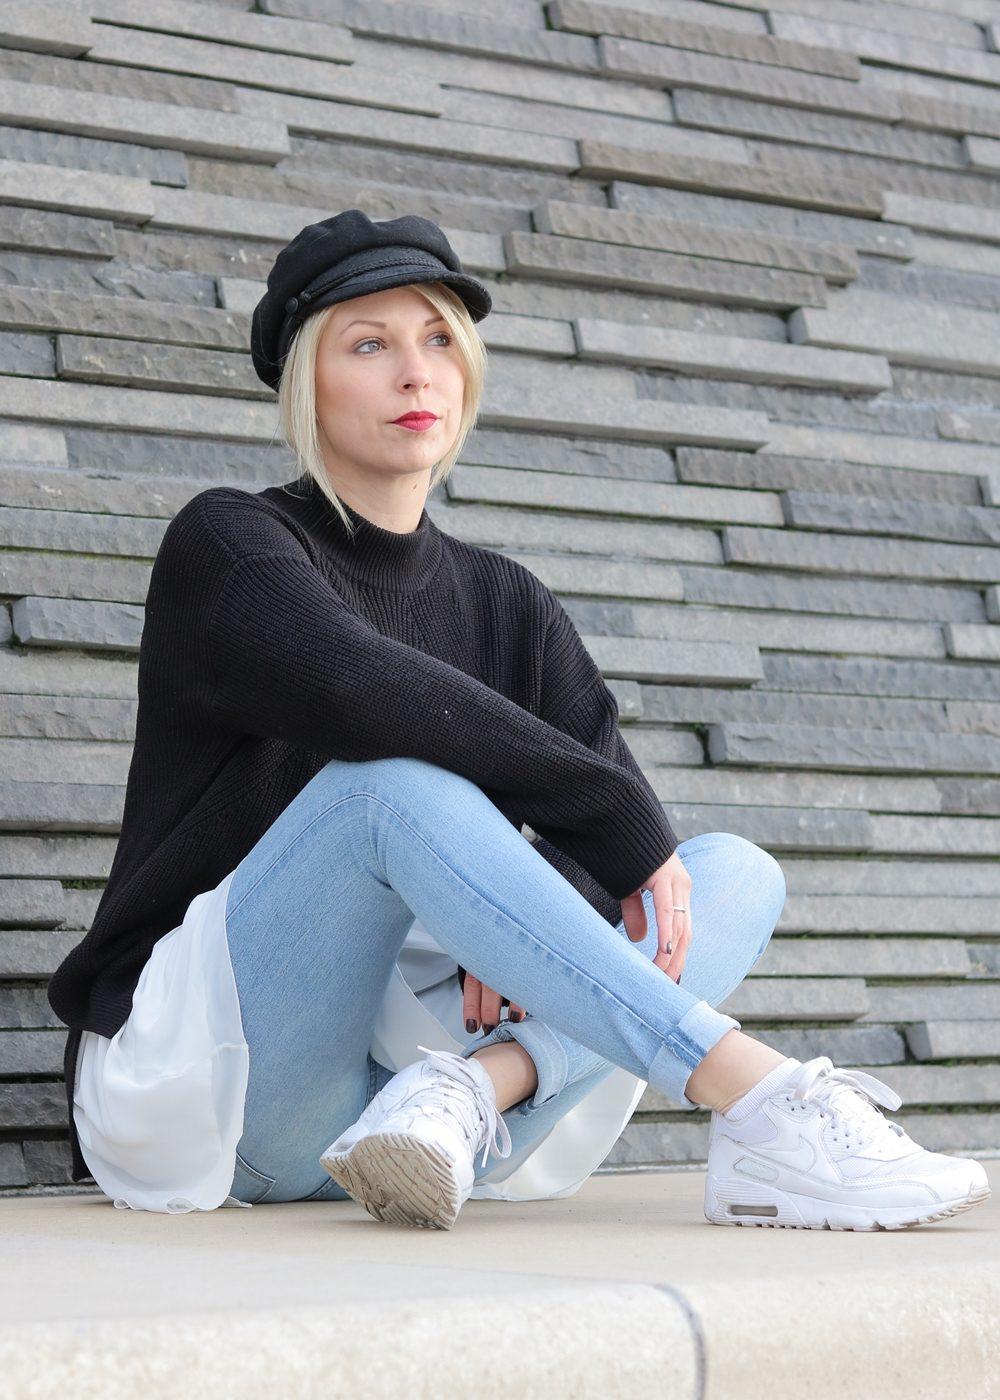 modeblogger-karlsruhe-outfit-herbst-kleid-vero-moda-rostrot-schwarzer-mantel-overknees-hut-17-von-29